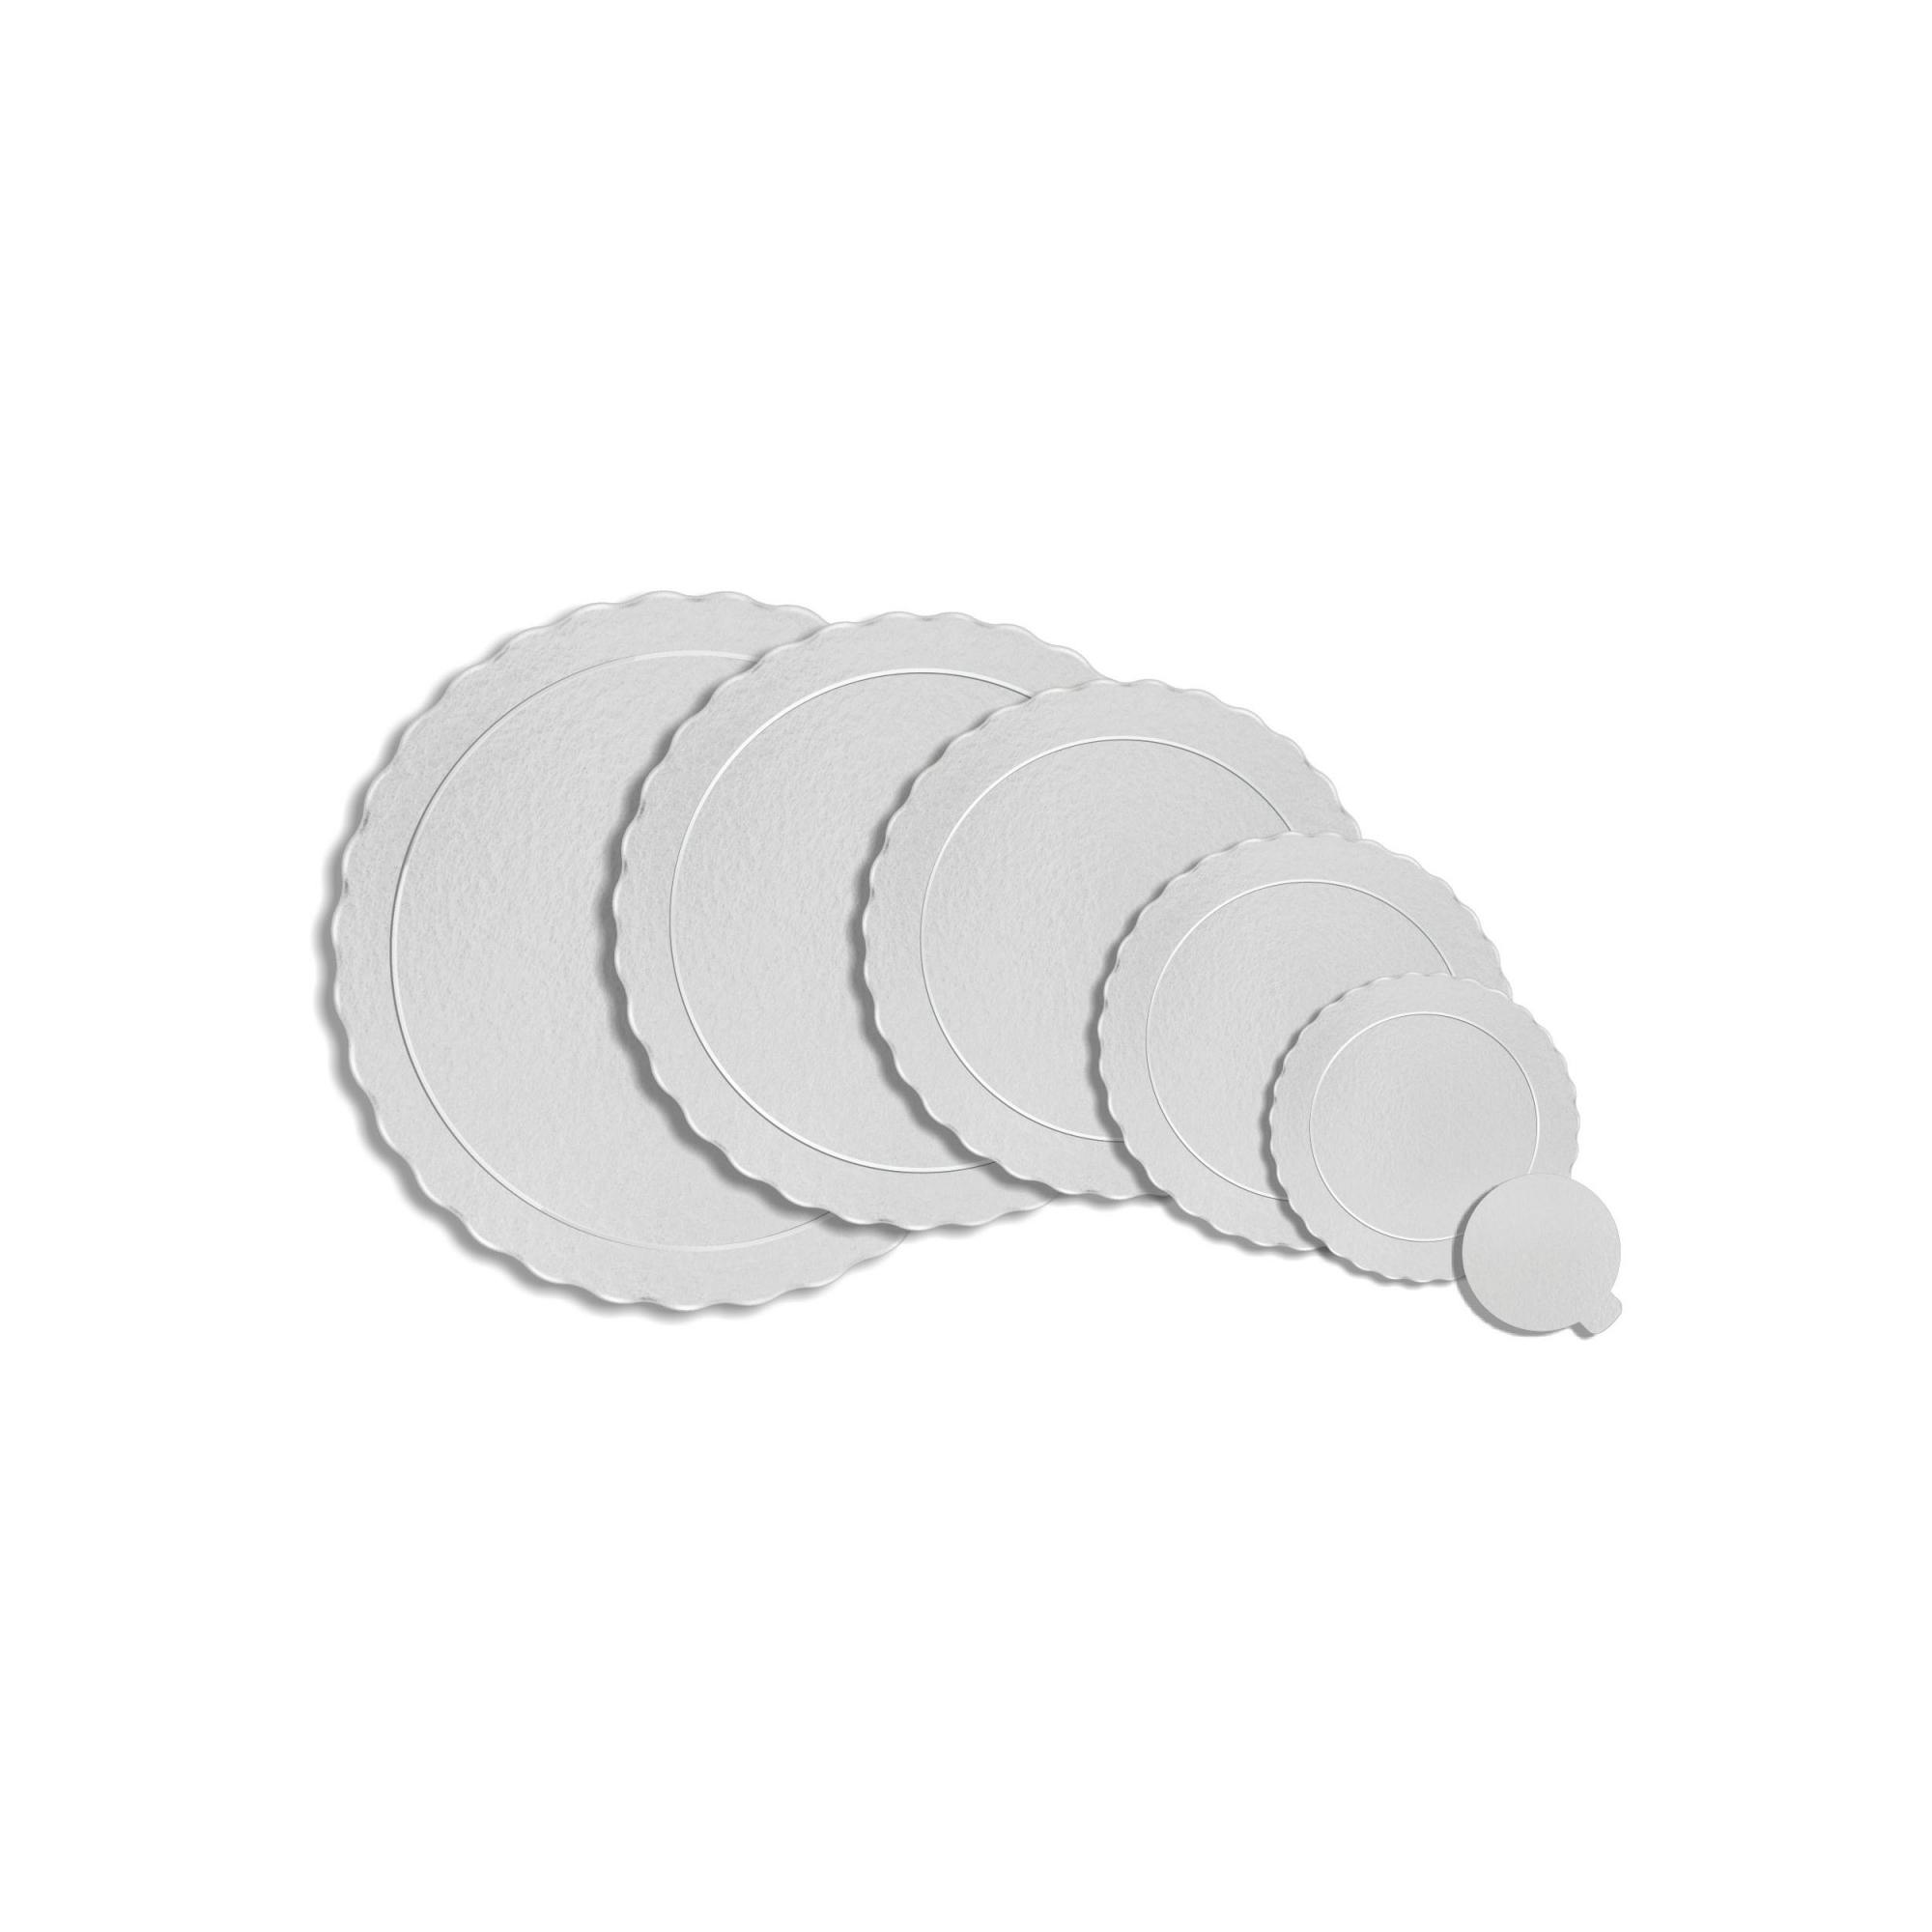 50 Bases Laminadas, Suporte P/ Bolo, Cake Board, Kit 30 e 35cm - Branca